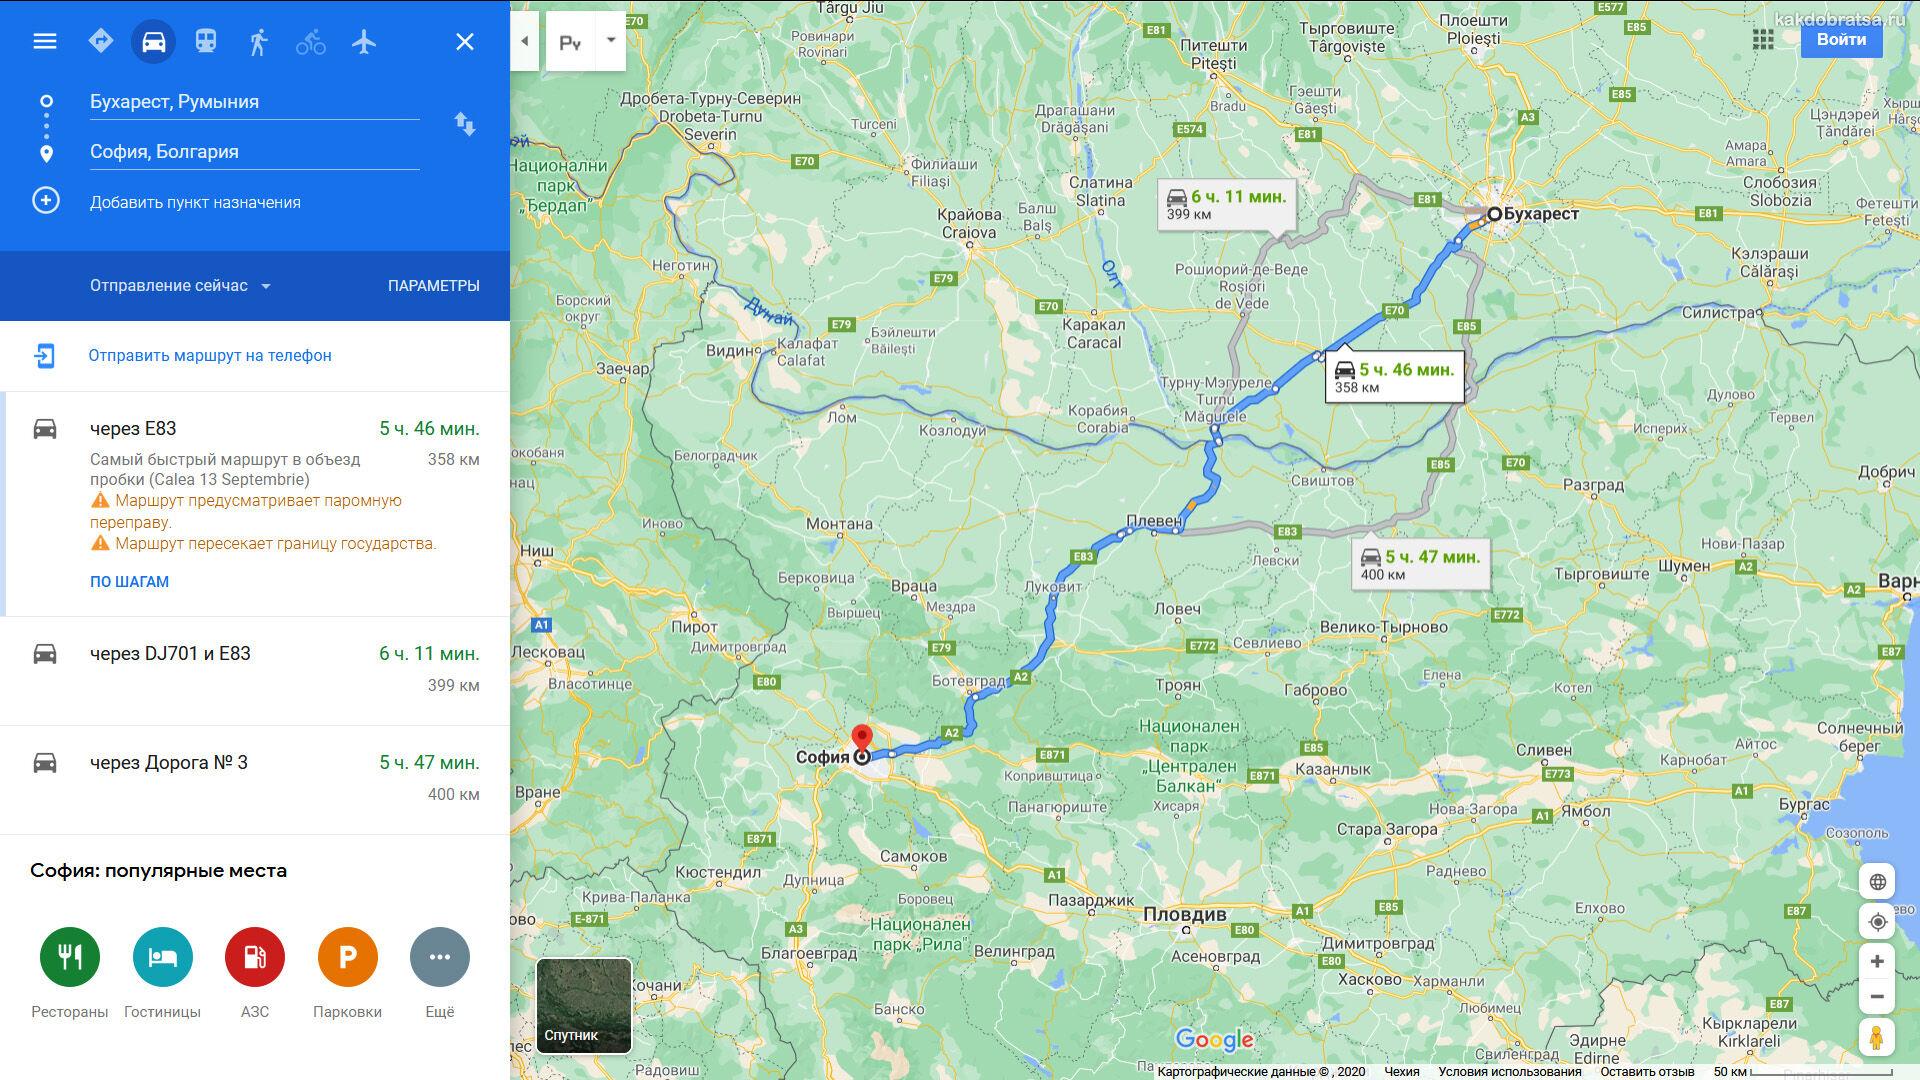 Бухарест София карта, маршрут, расстояние и время в пути